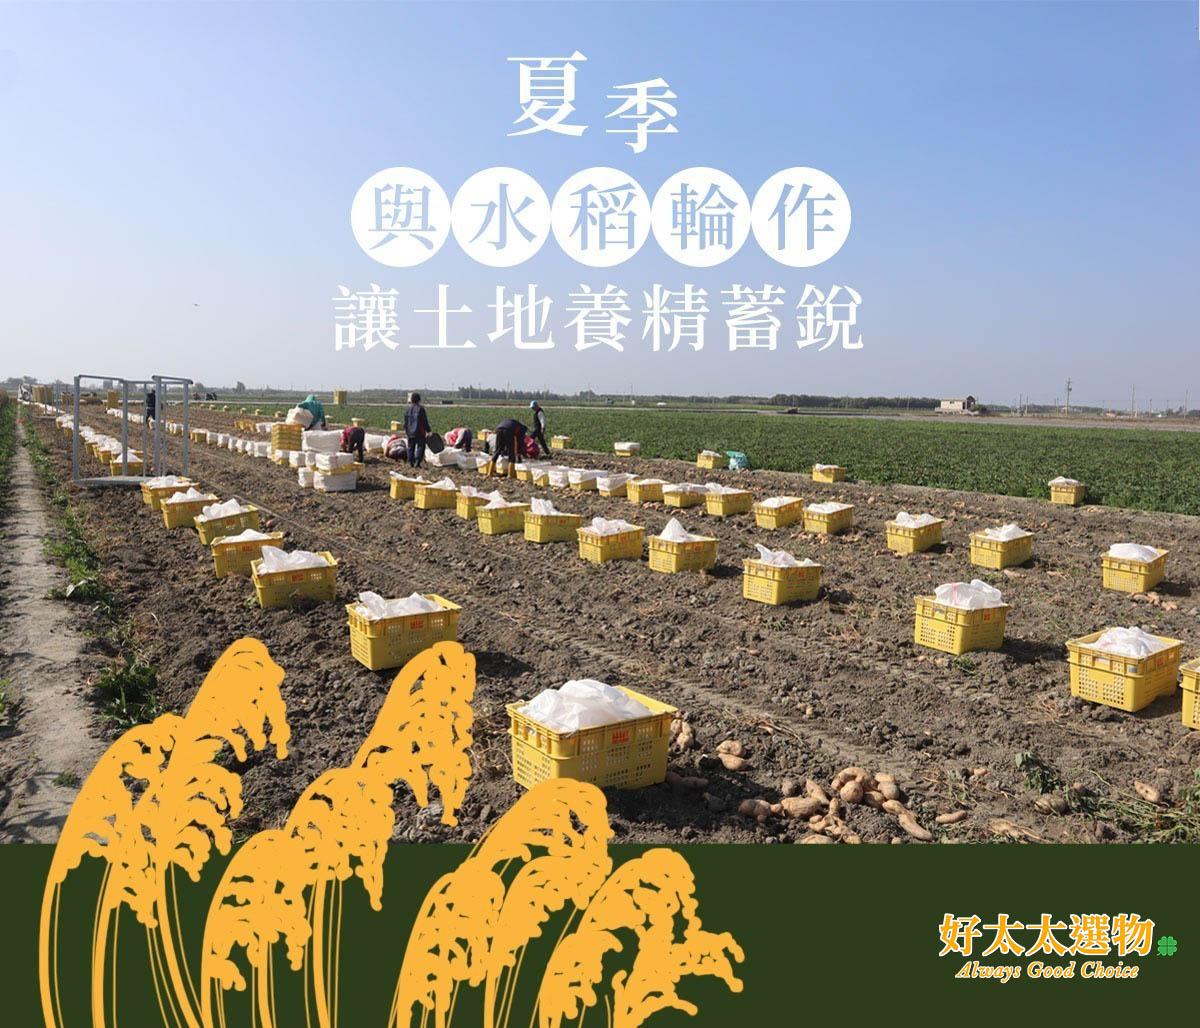 與水稻輪作,大大的減少病蟲害輪作可以改變病菌寄生主體,抑制病菌生長從而減輕危害。這就是我們的地瓜都不會「臭香」。